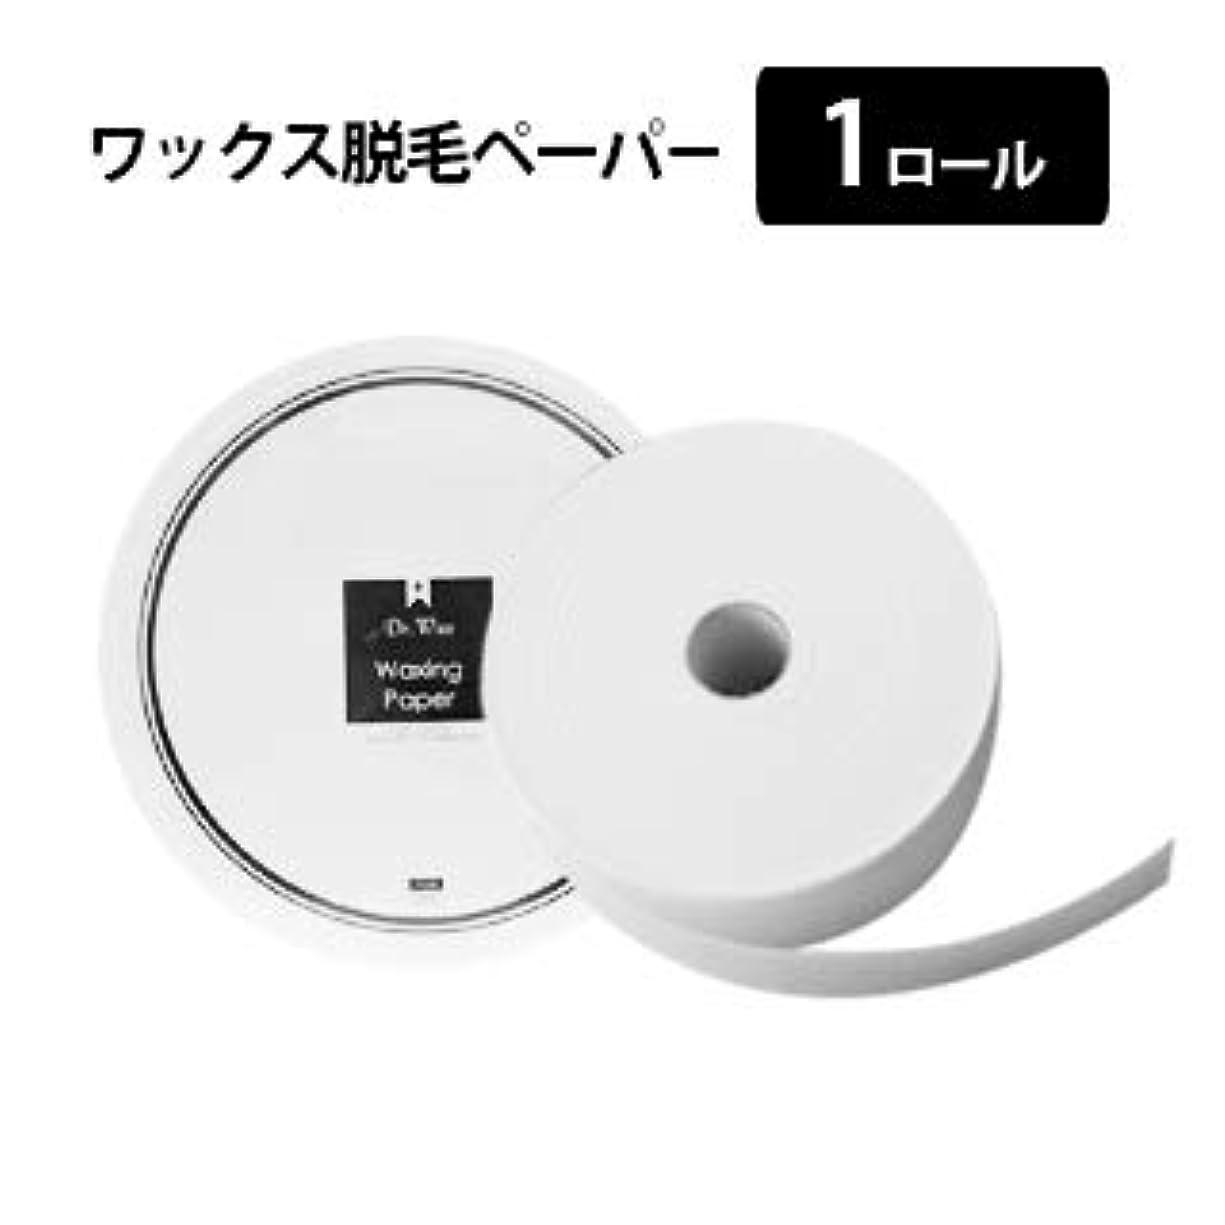 急襲郵便相談【1ロール】ワックスロールペーパー 7cm スパンレース素材